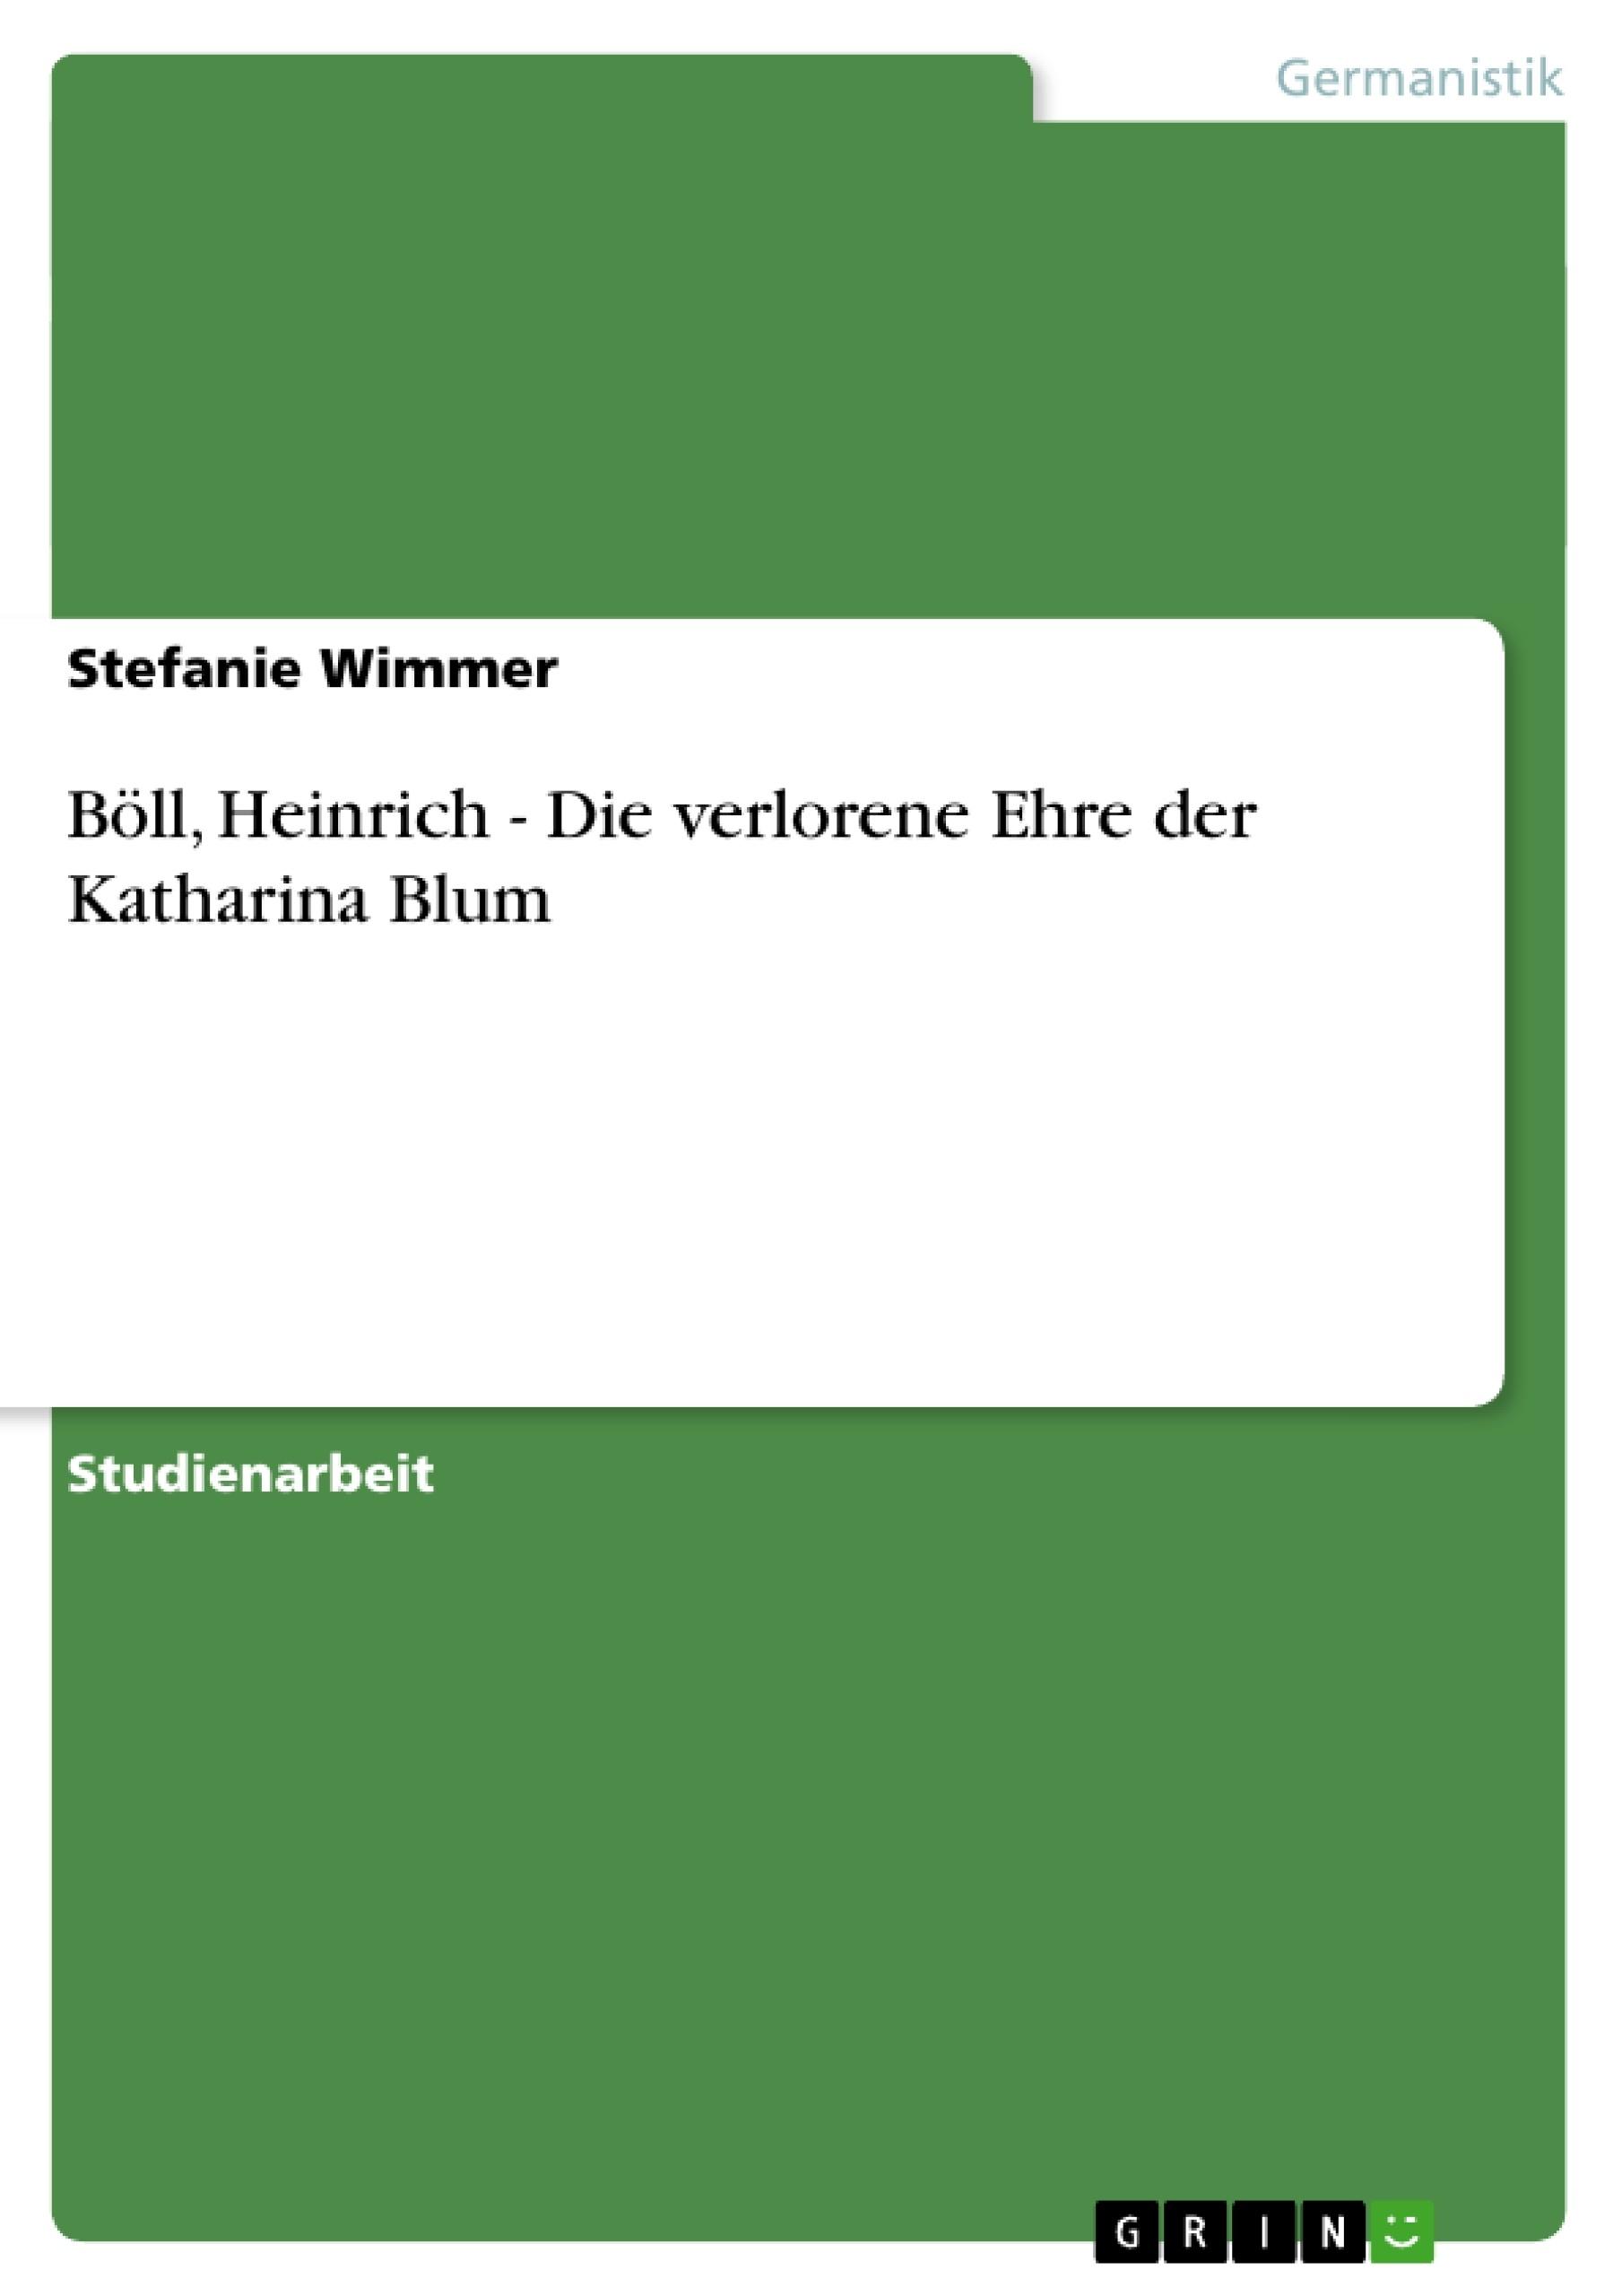 Titel: Böll, Heinrich - Die verlorene Ehre der Katharina Blum